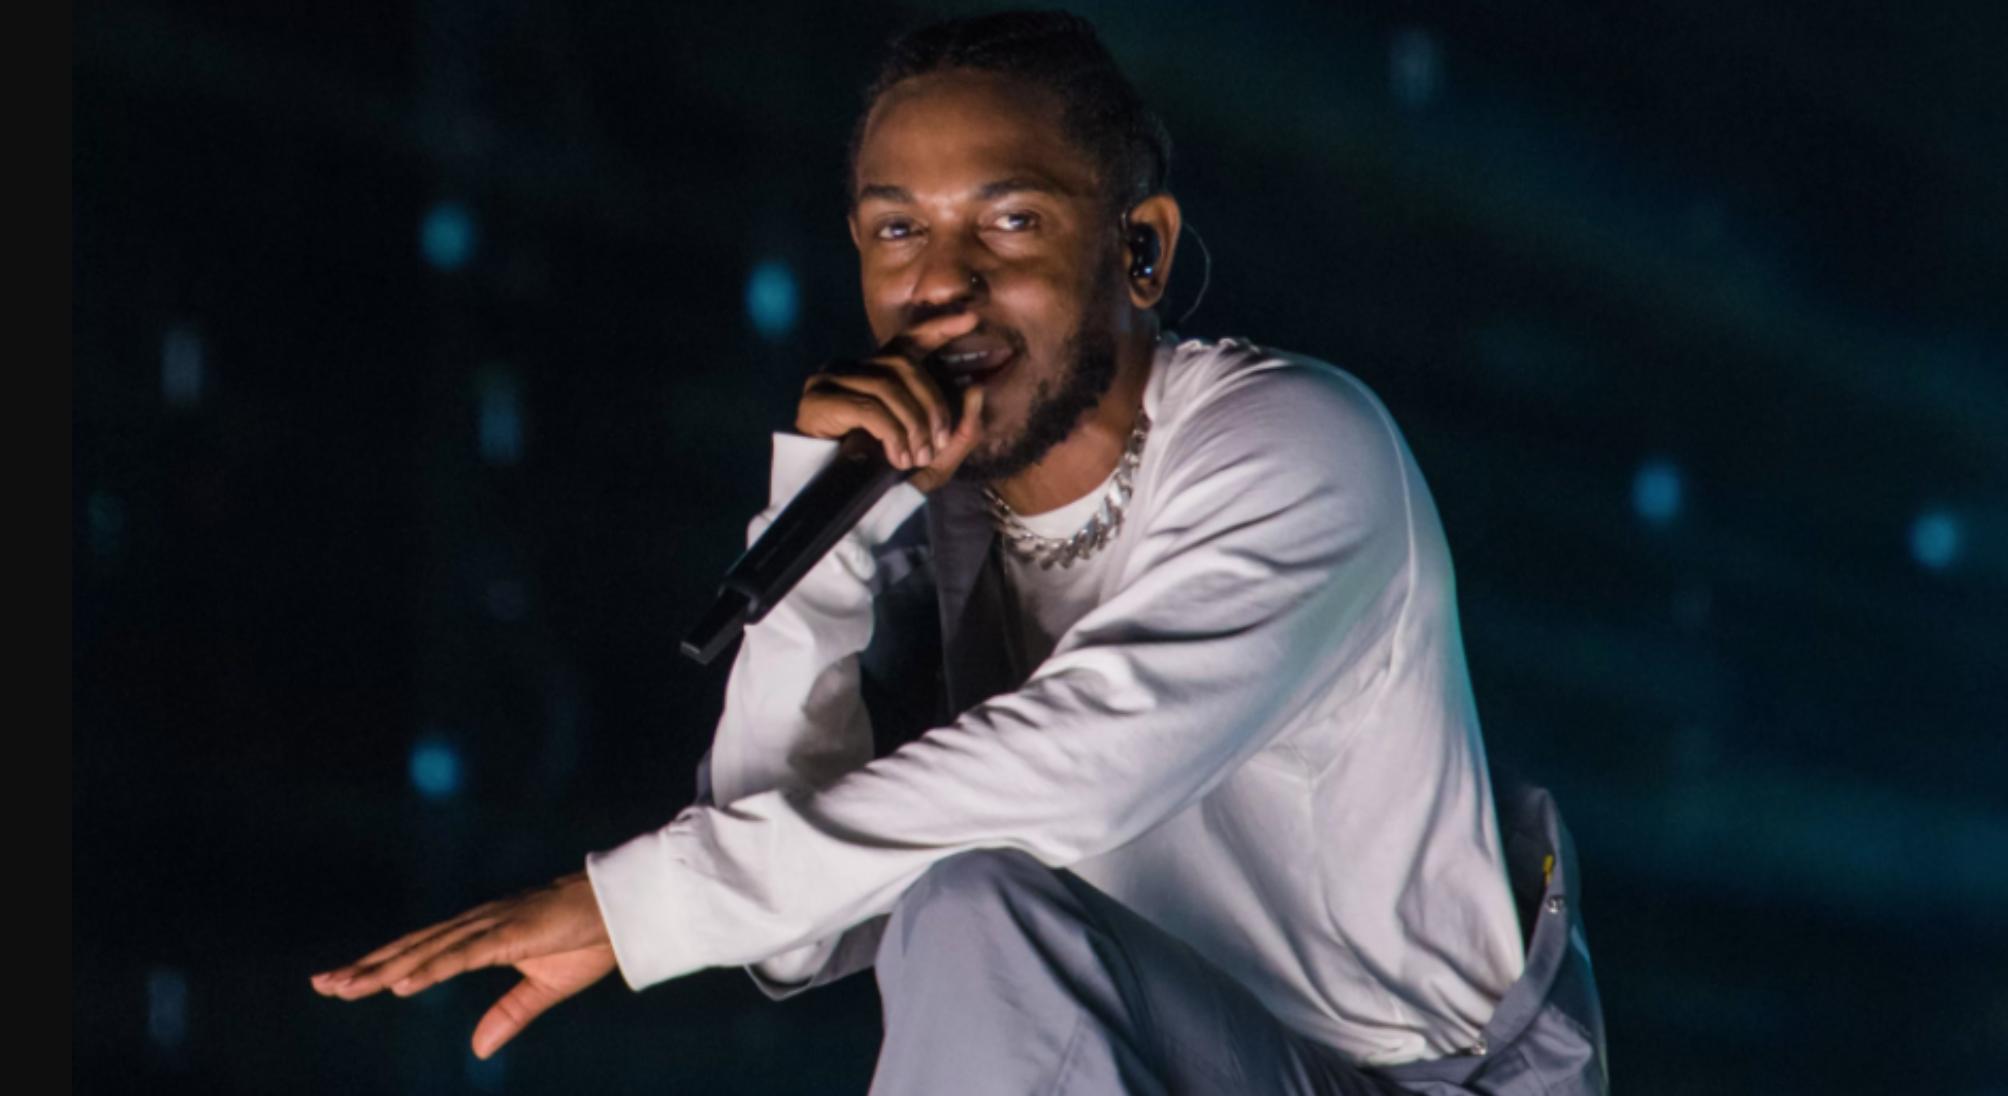 Kendrick Lamar stops white fan after she raps the N-word